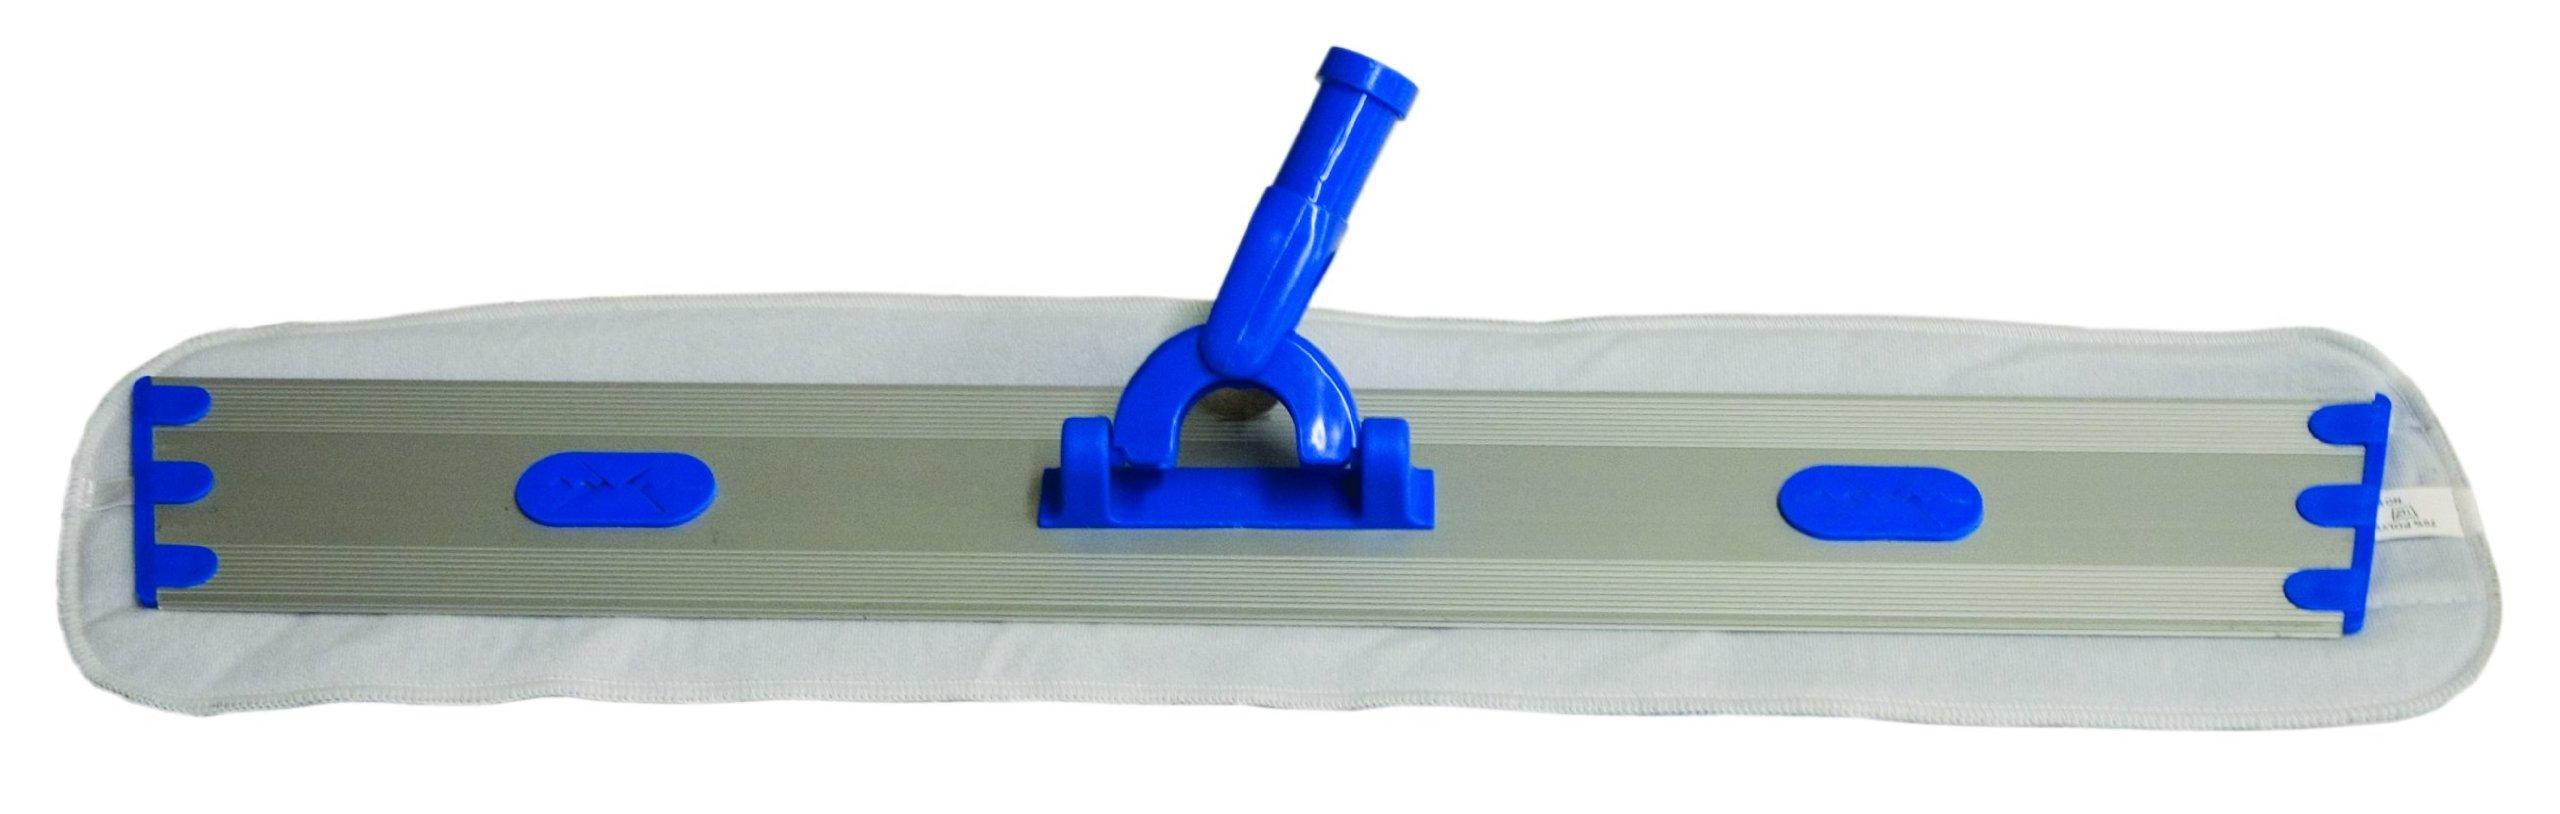 Magnolia Brush 5001 Microfiber Dust Mop with 22'' Aluminum Frame (Case of 12)